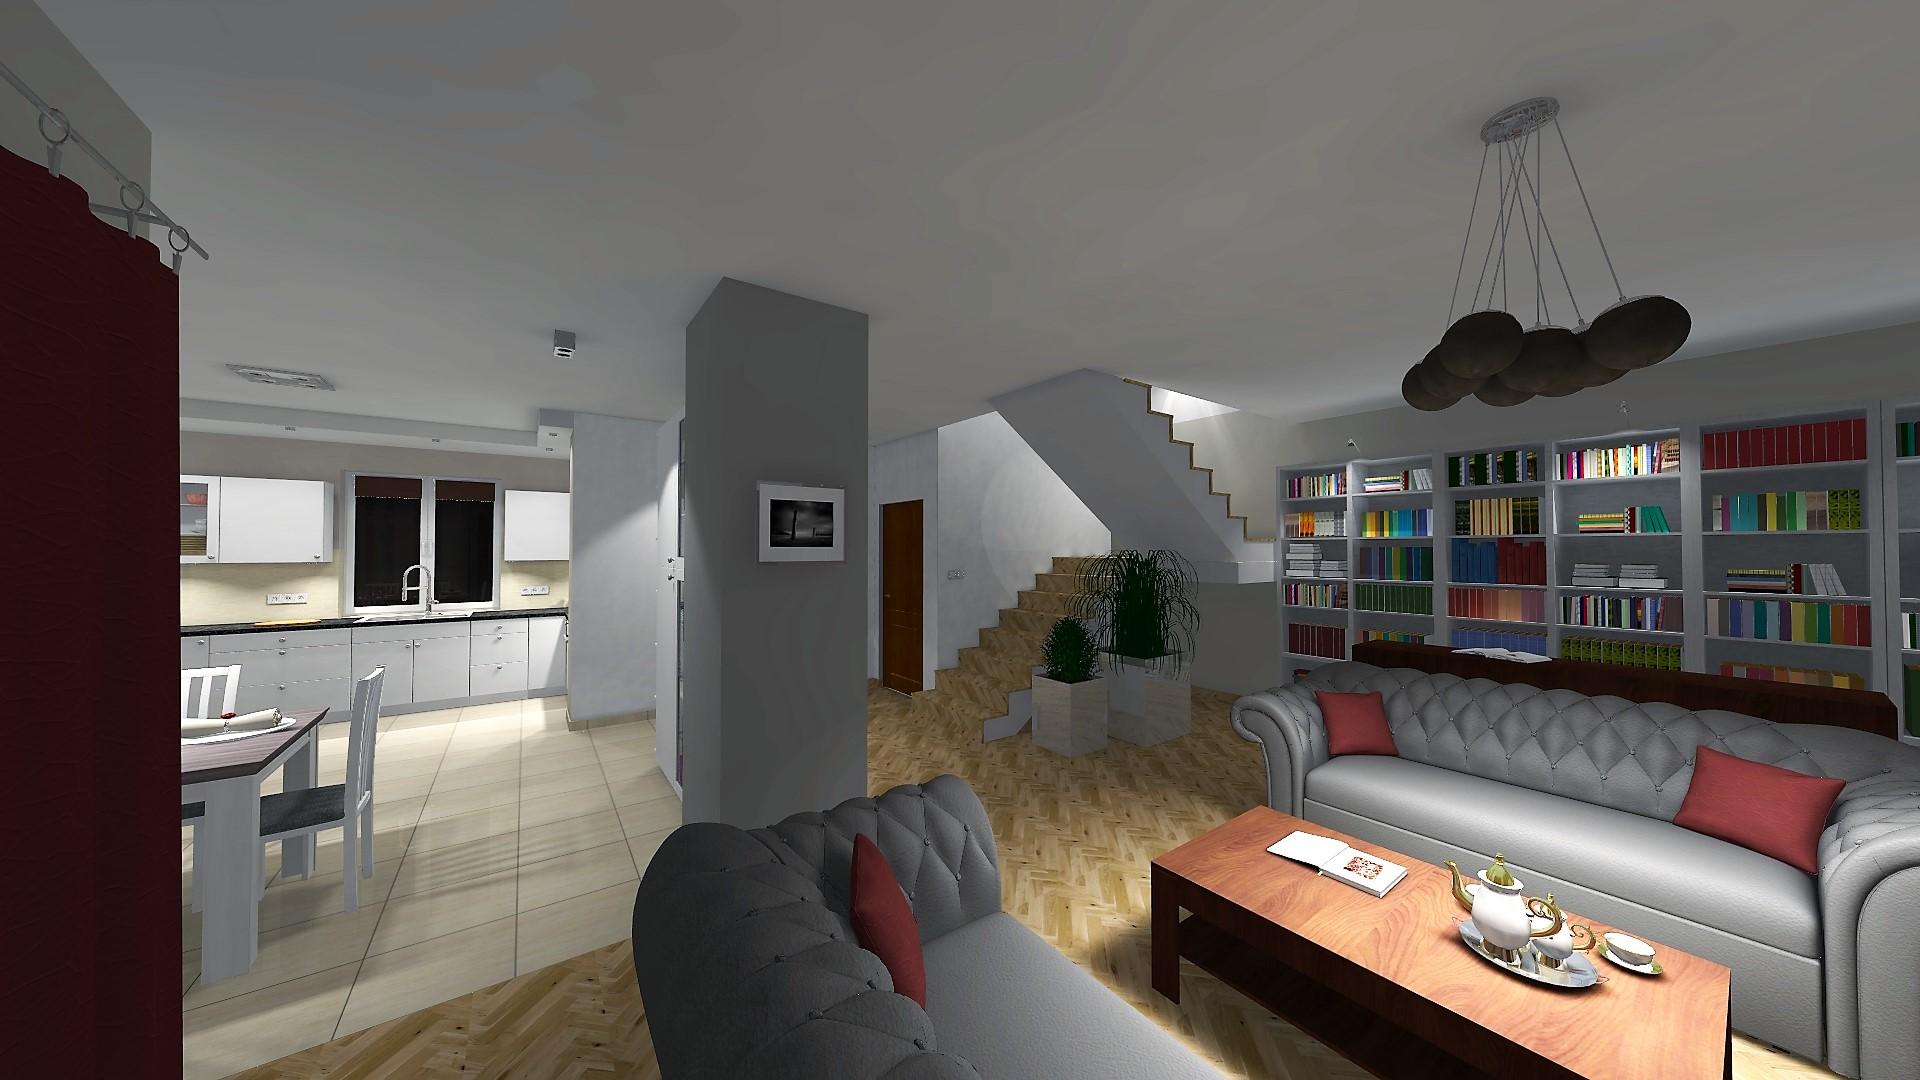 kuchnia+jadalnia+salon (1)